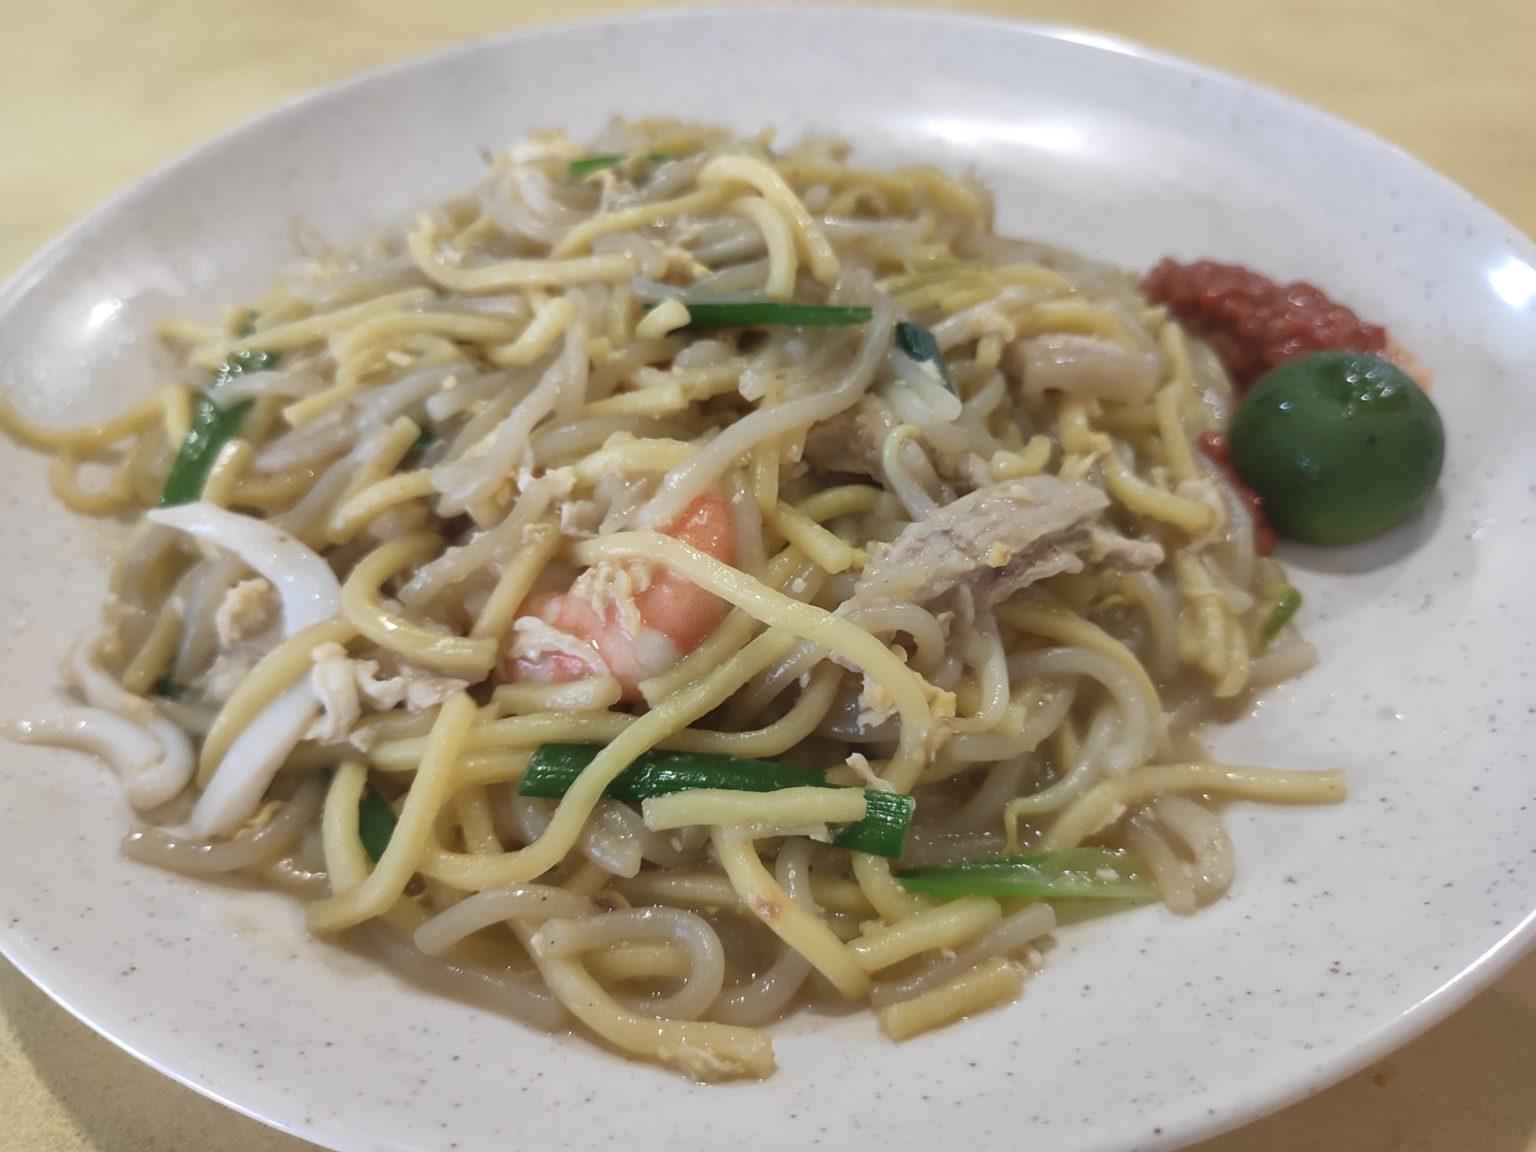 Review: Teck Kee Fried Hokkien Prawn Mee (Singapore)